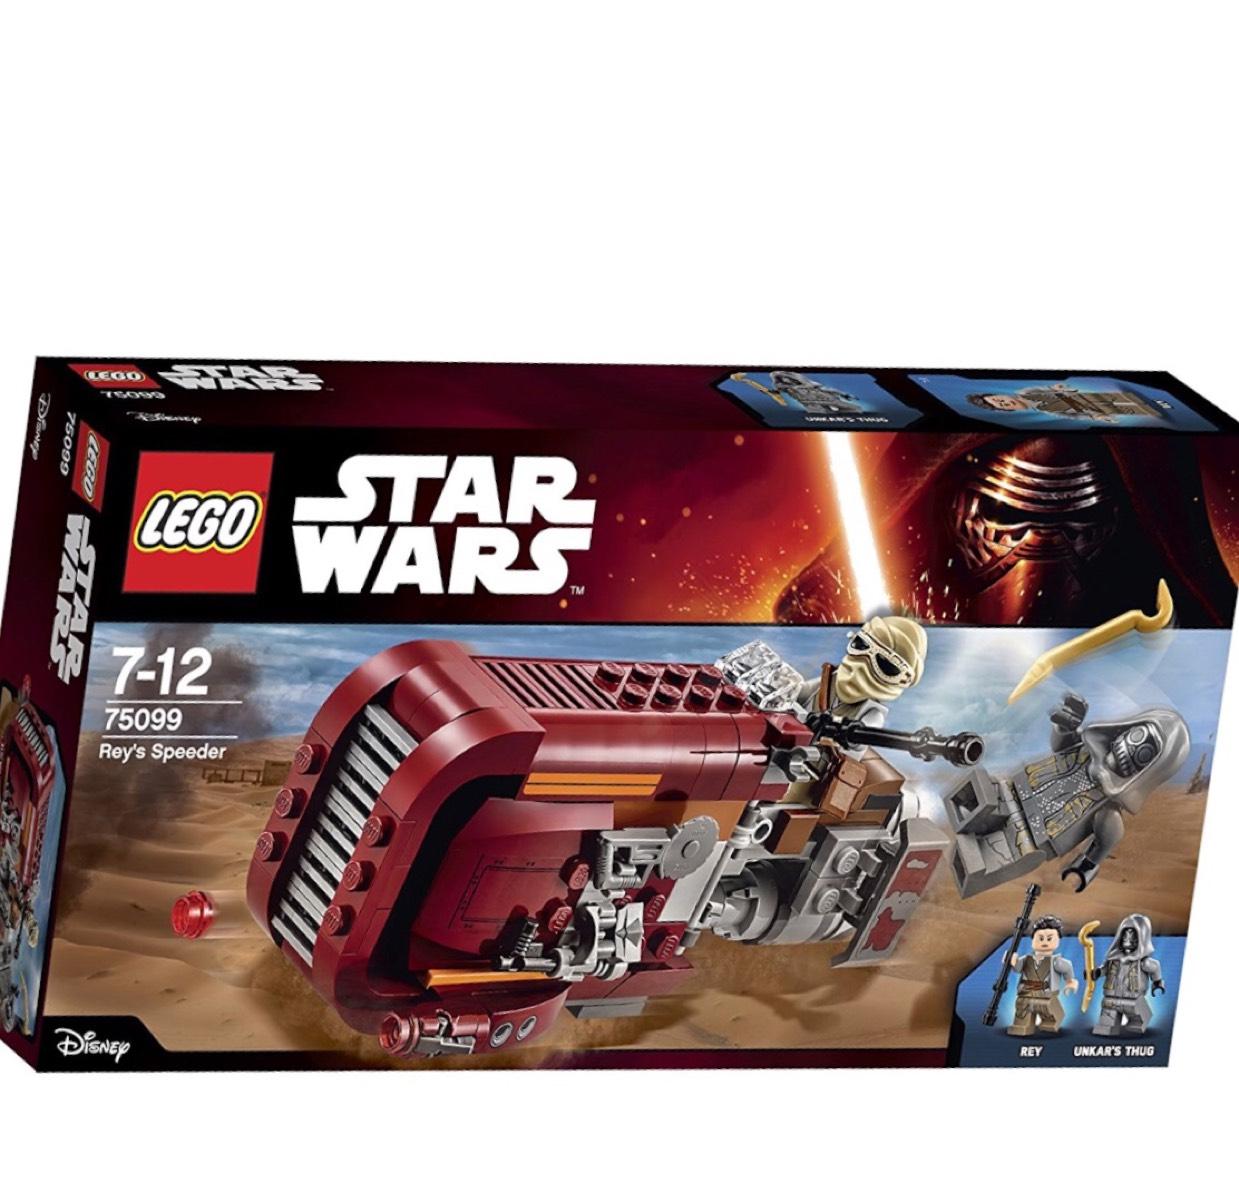 Lego Star Wars 75099 £14.99  (Prime) / £18.98 (non Prime) at Amazon